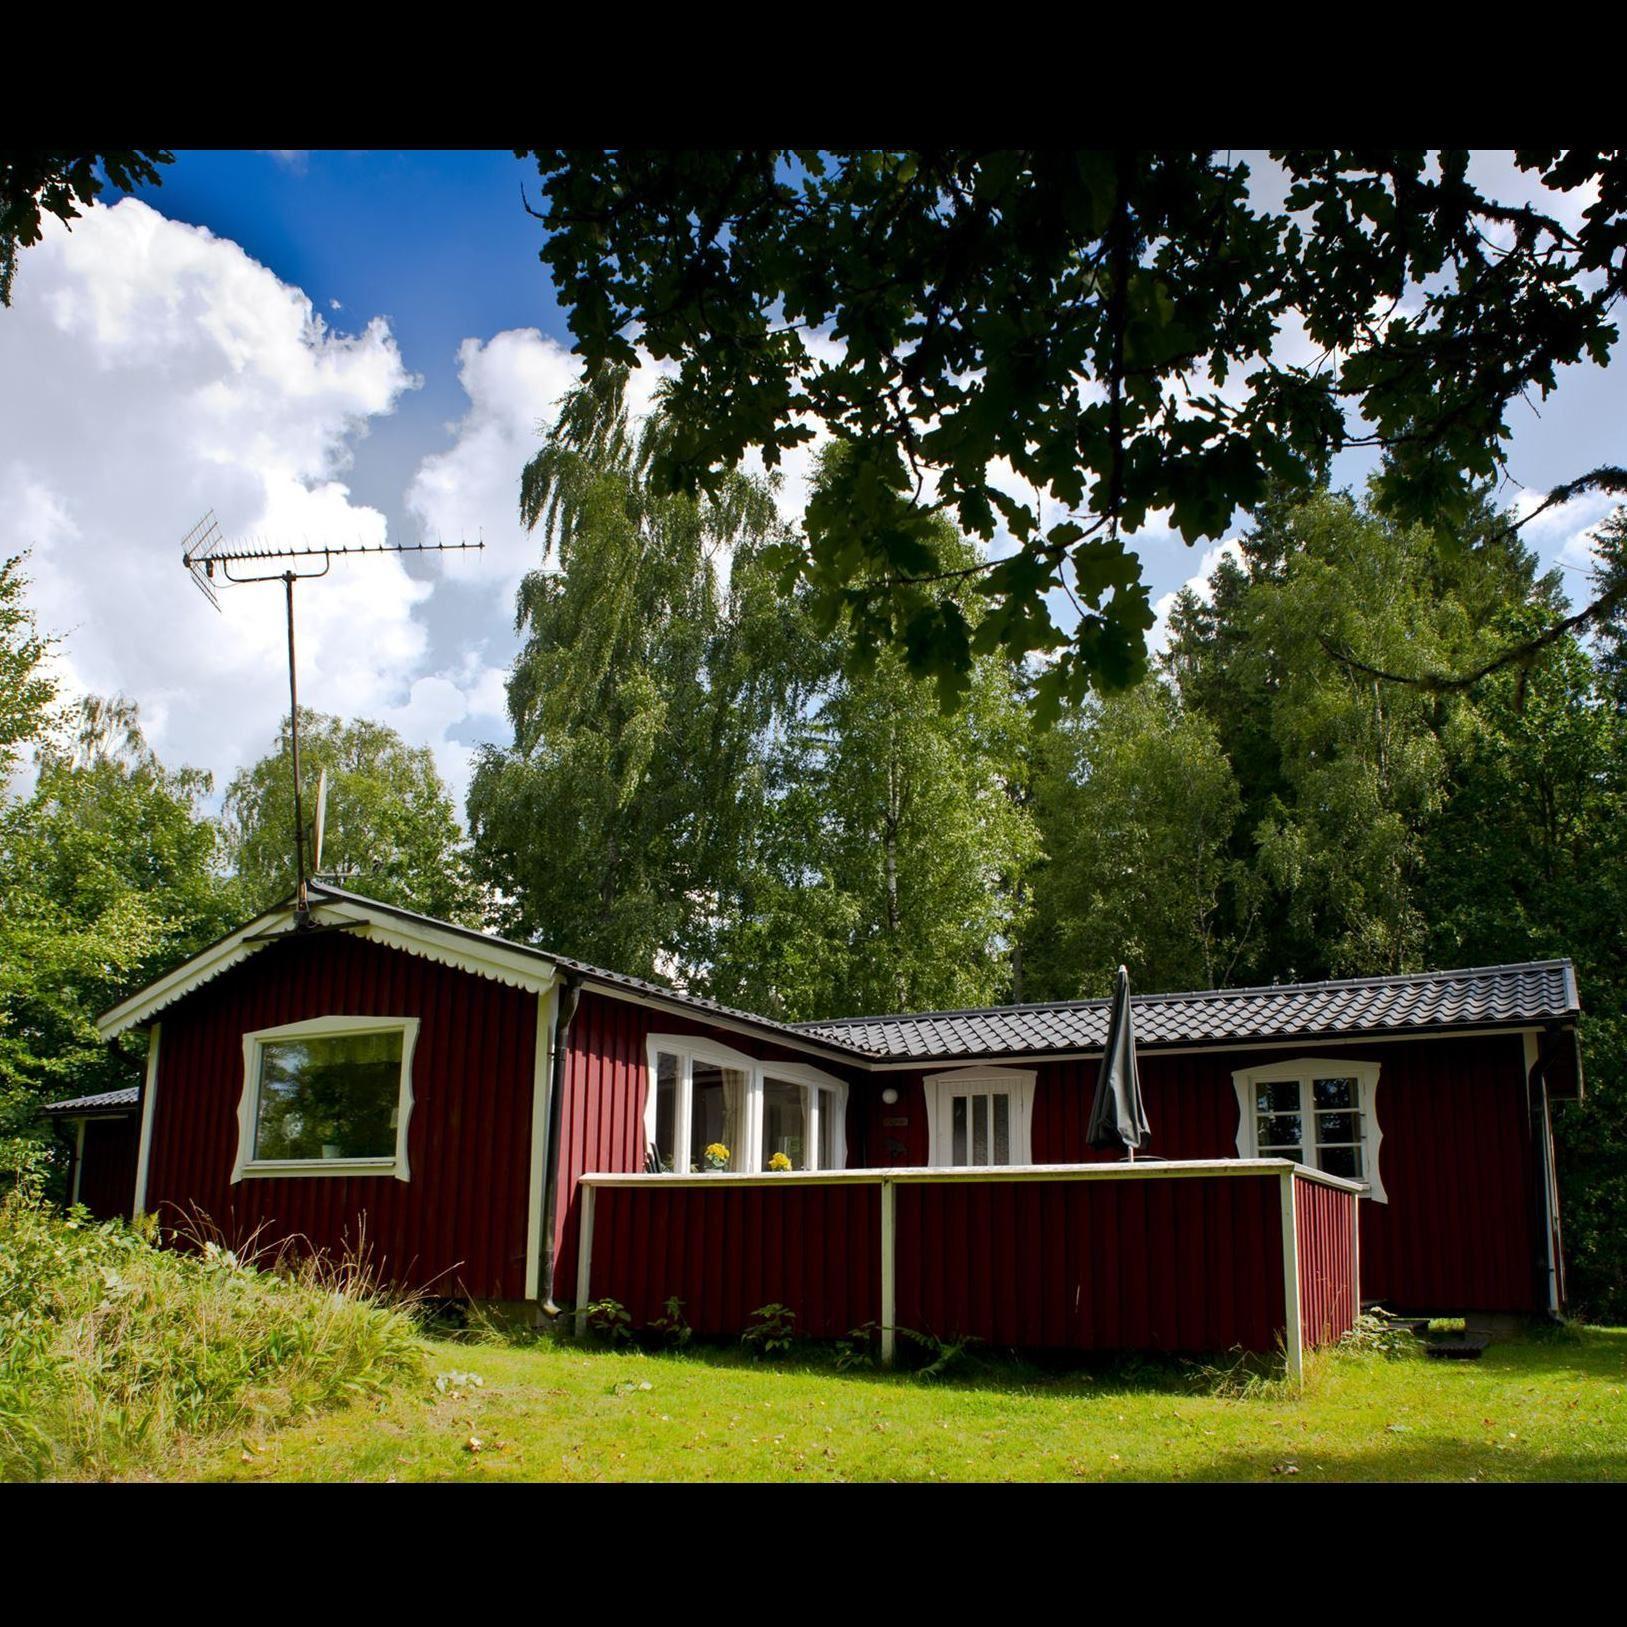 Ferienhaus 03 - Skogstorpet - Kalvshultsgård - Käja och Roland Haraldsson